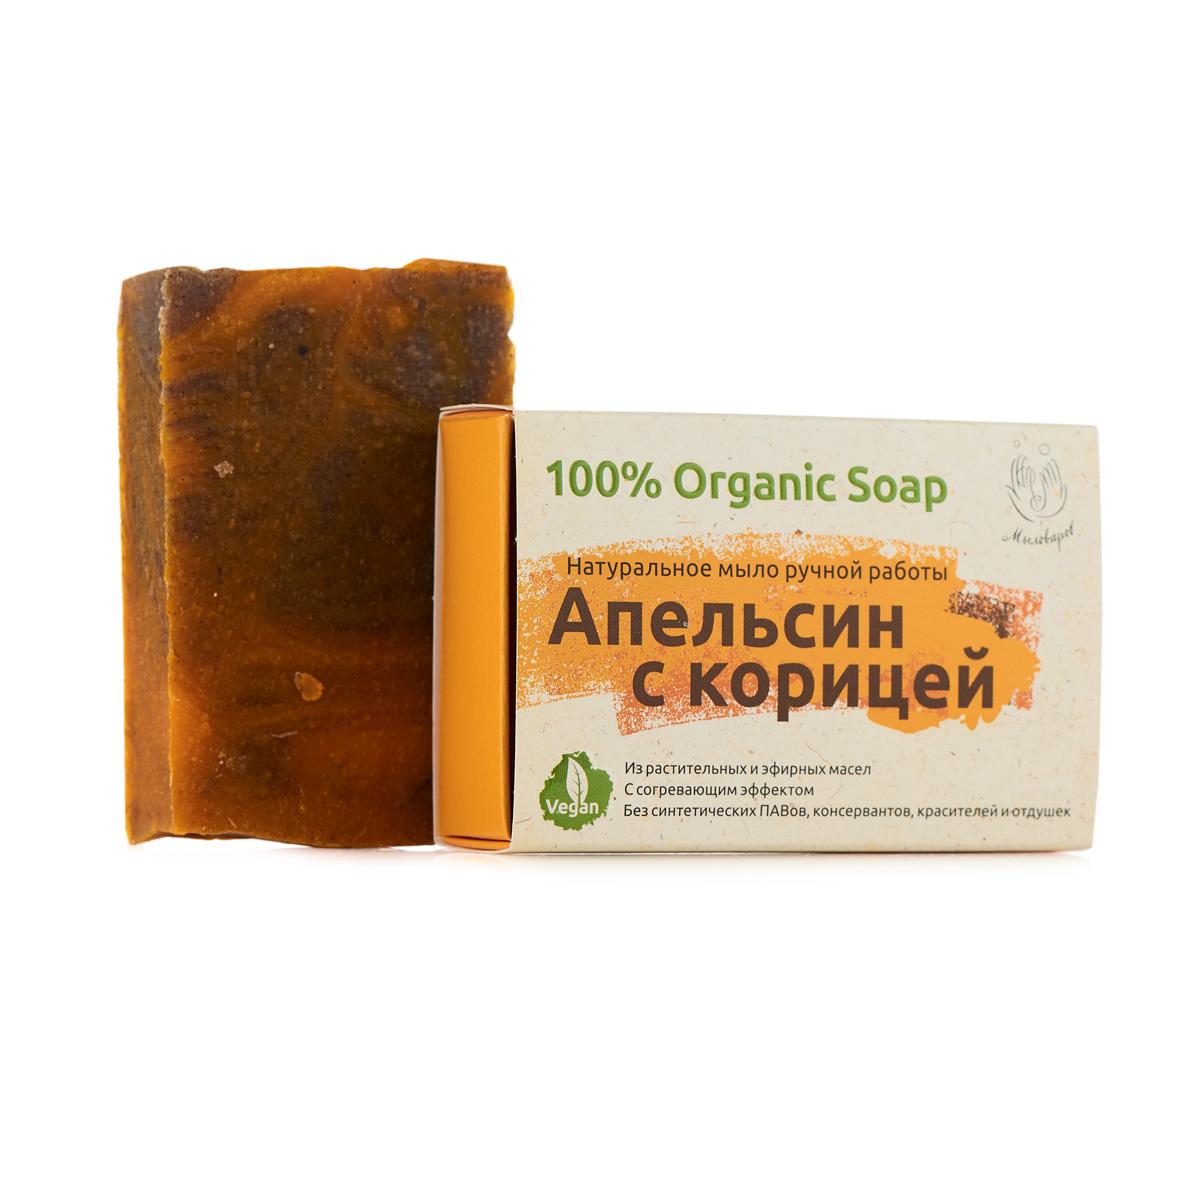 Мыловаров Натуральное мыло Апельсин с корицей 2 х 80гр.Satin Hair 7 BR730MNПрикоснитесь к этому удивительно нежному натуральному мылу, и курортное настроение закружит голову ощущением бесконечного праздника. Уникальный комплекс натуральных масел сделает вашу кожу волнительно упругой и гладкой, а знойный аромат спелого апельсина и бодрящей корицы превратят купание в истинное наслаждение.Это 100% натуральный продукт, не содержит искусственных ПАВов, отдушек, красителей и консервантов.